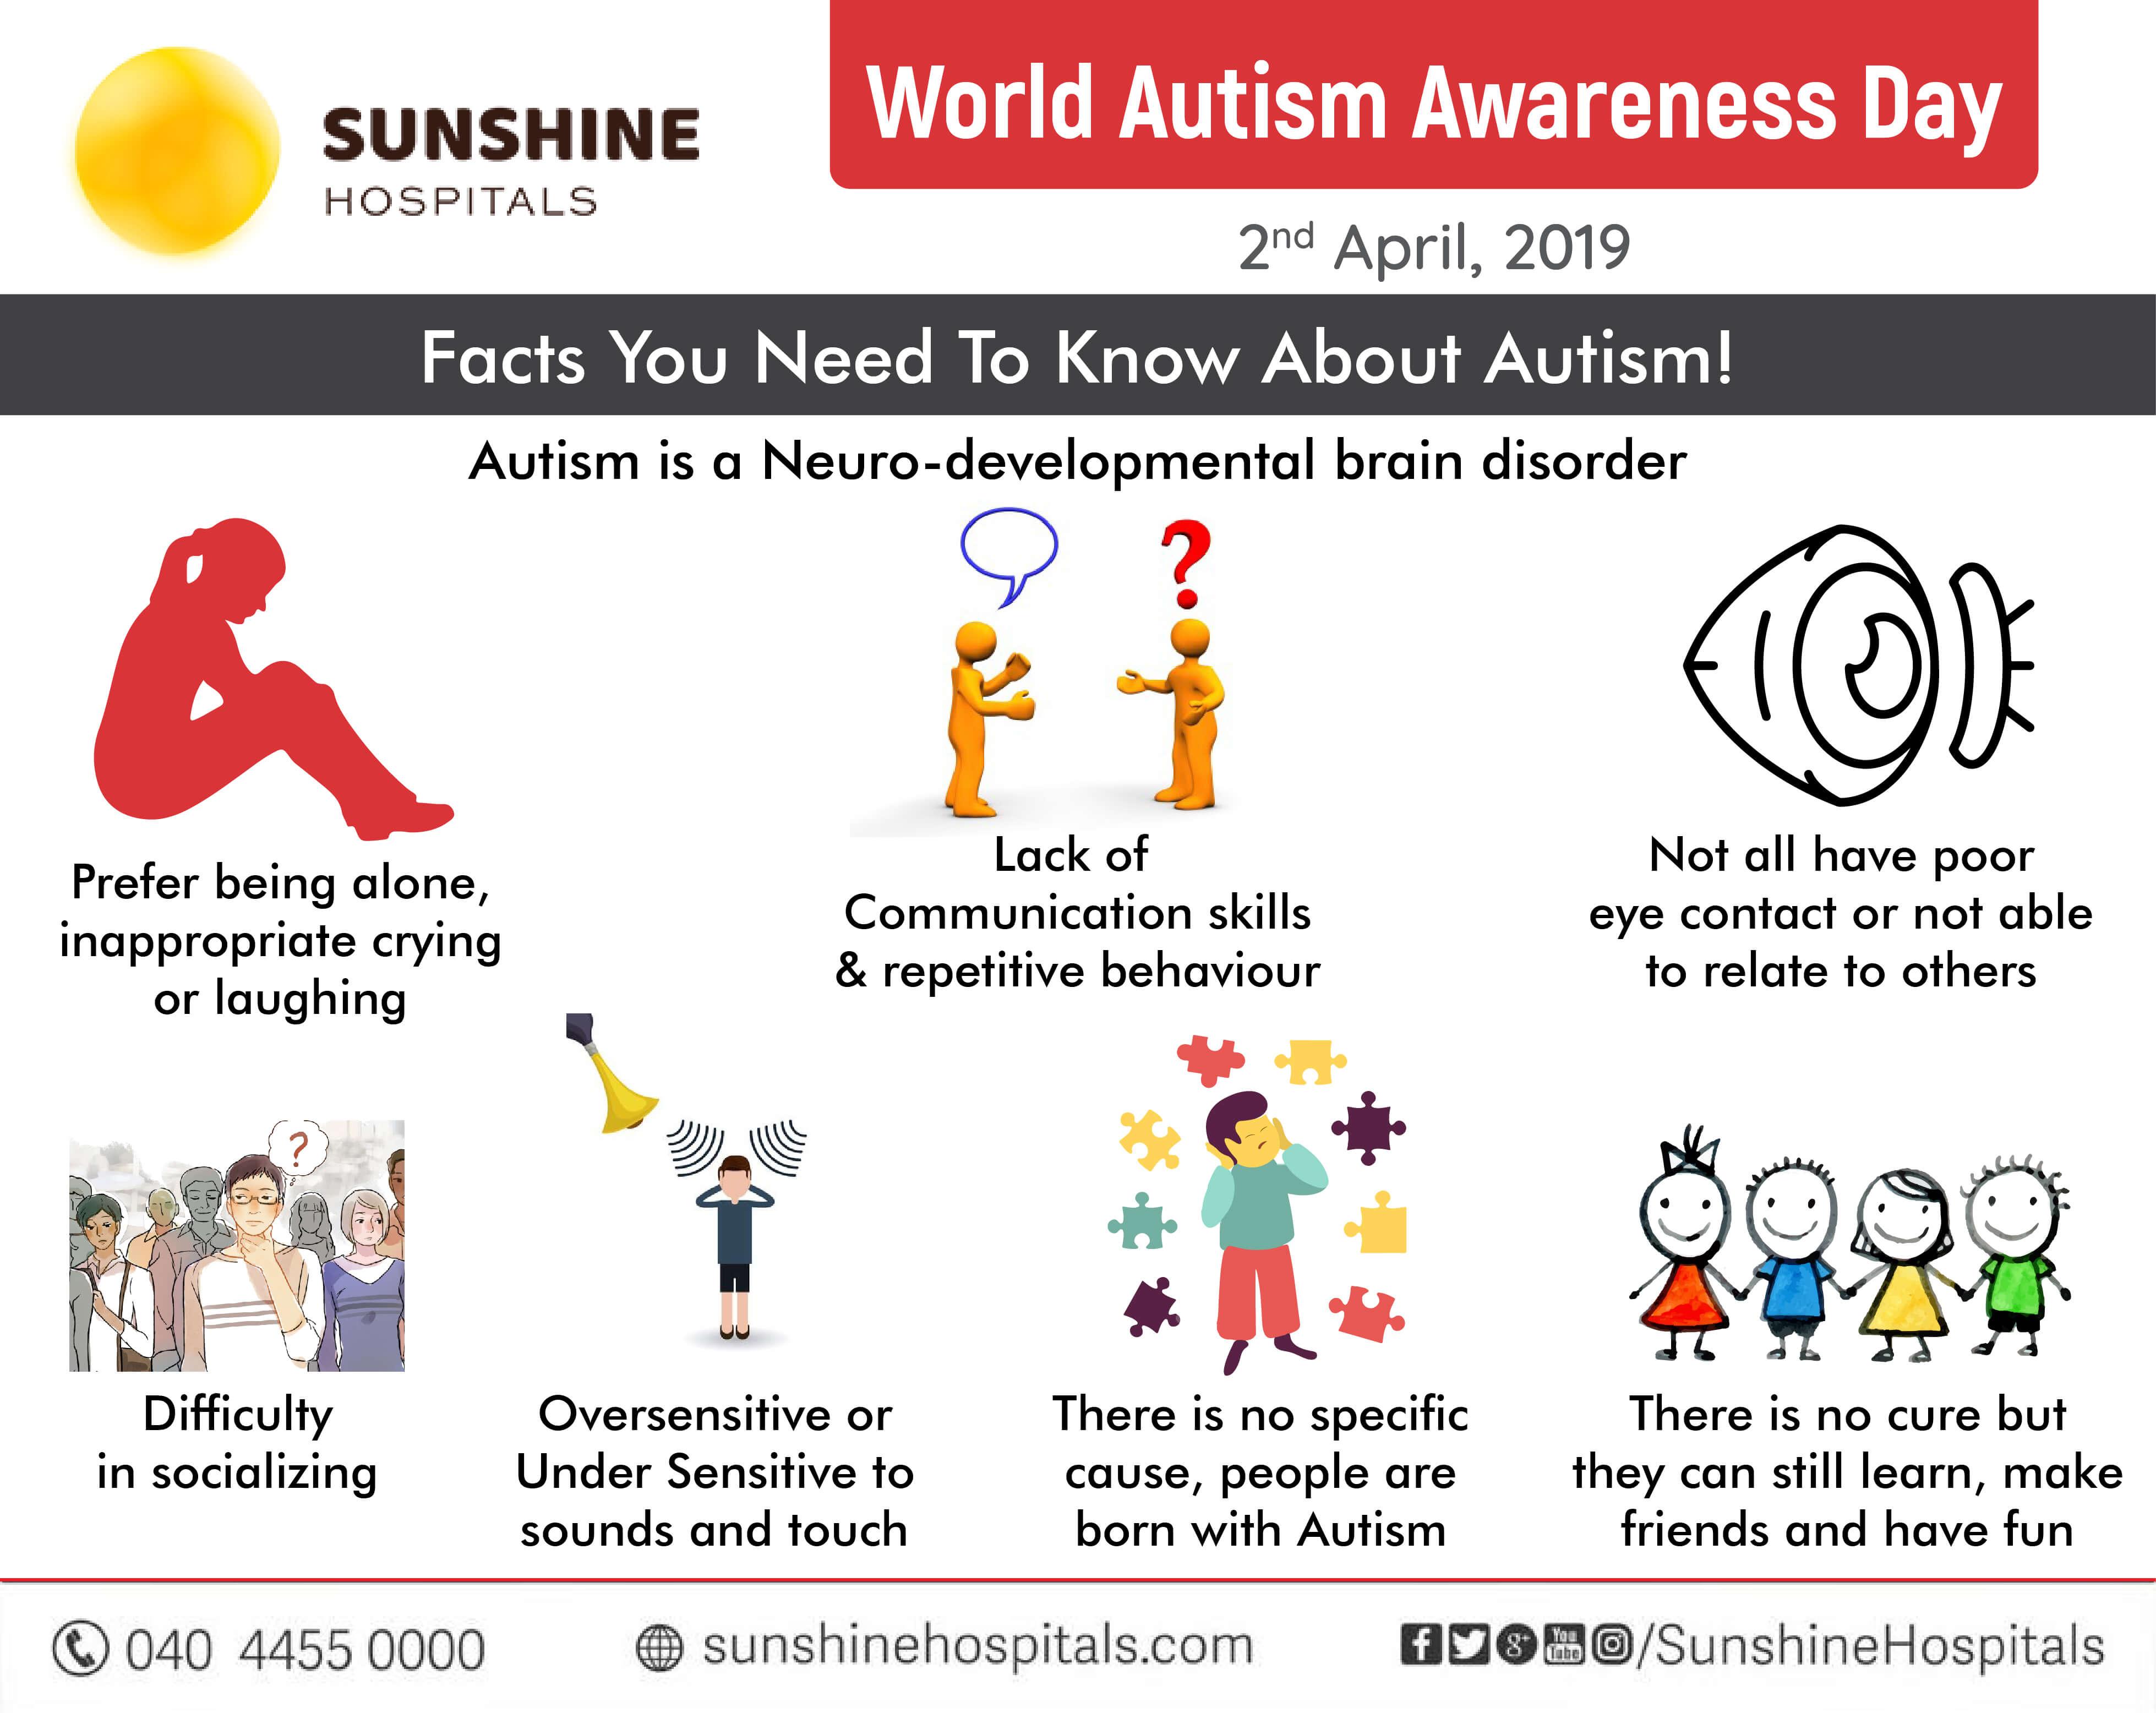 World Autism Awareness Day, 2nd April 2019